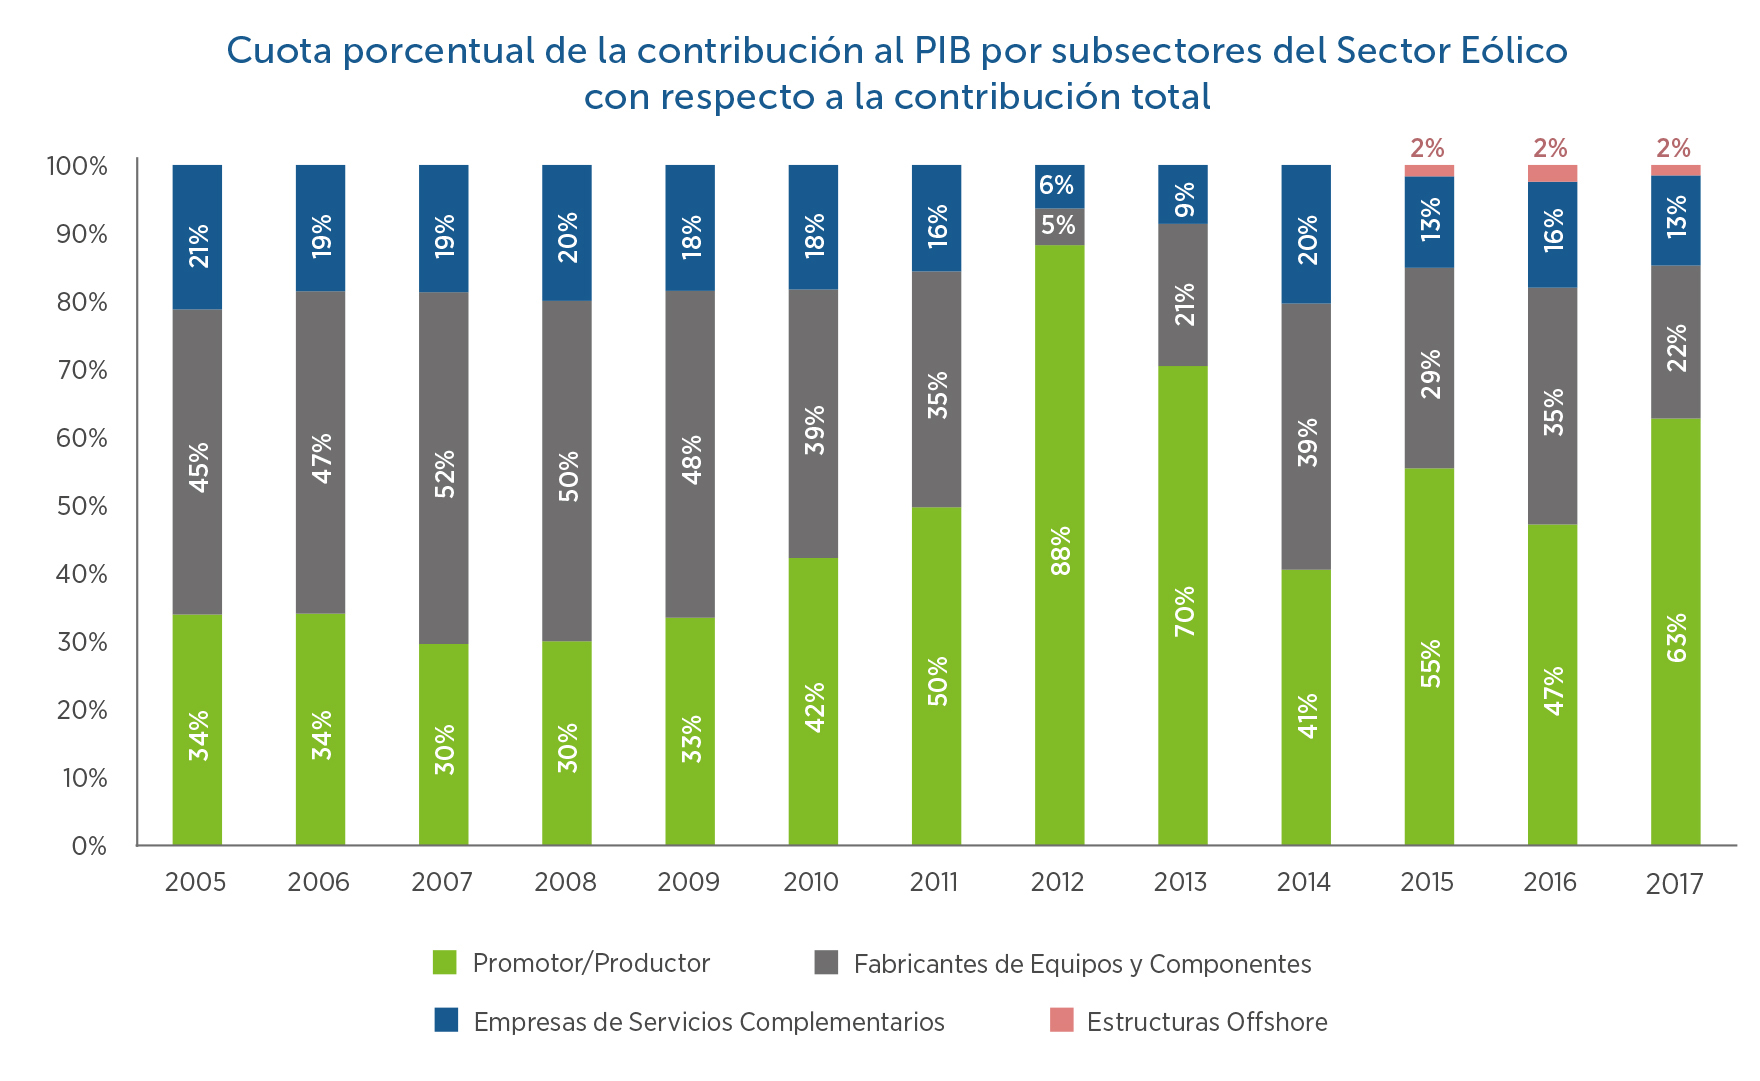 8-Cuota-contribucion-al-PIB-por-subsectores